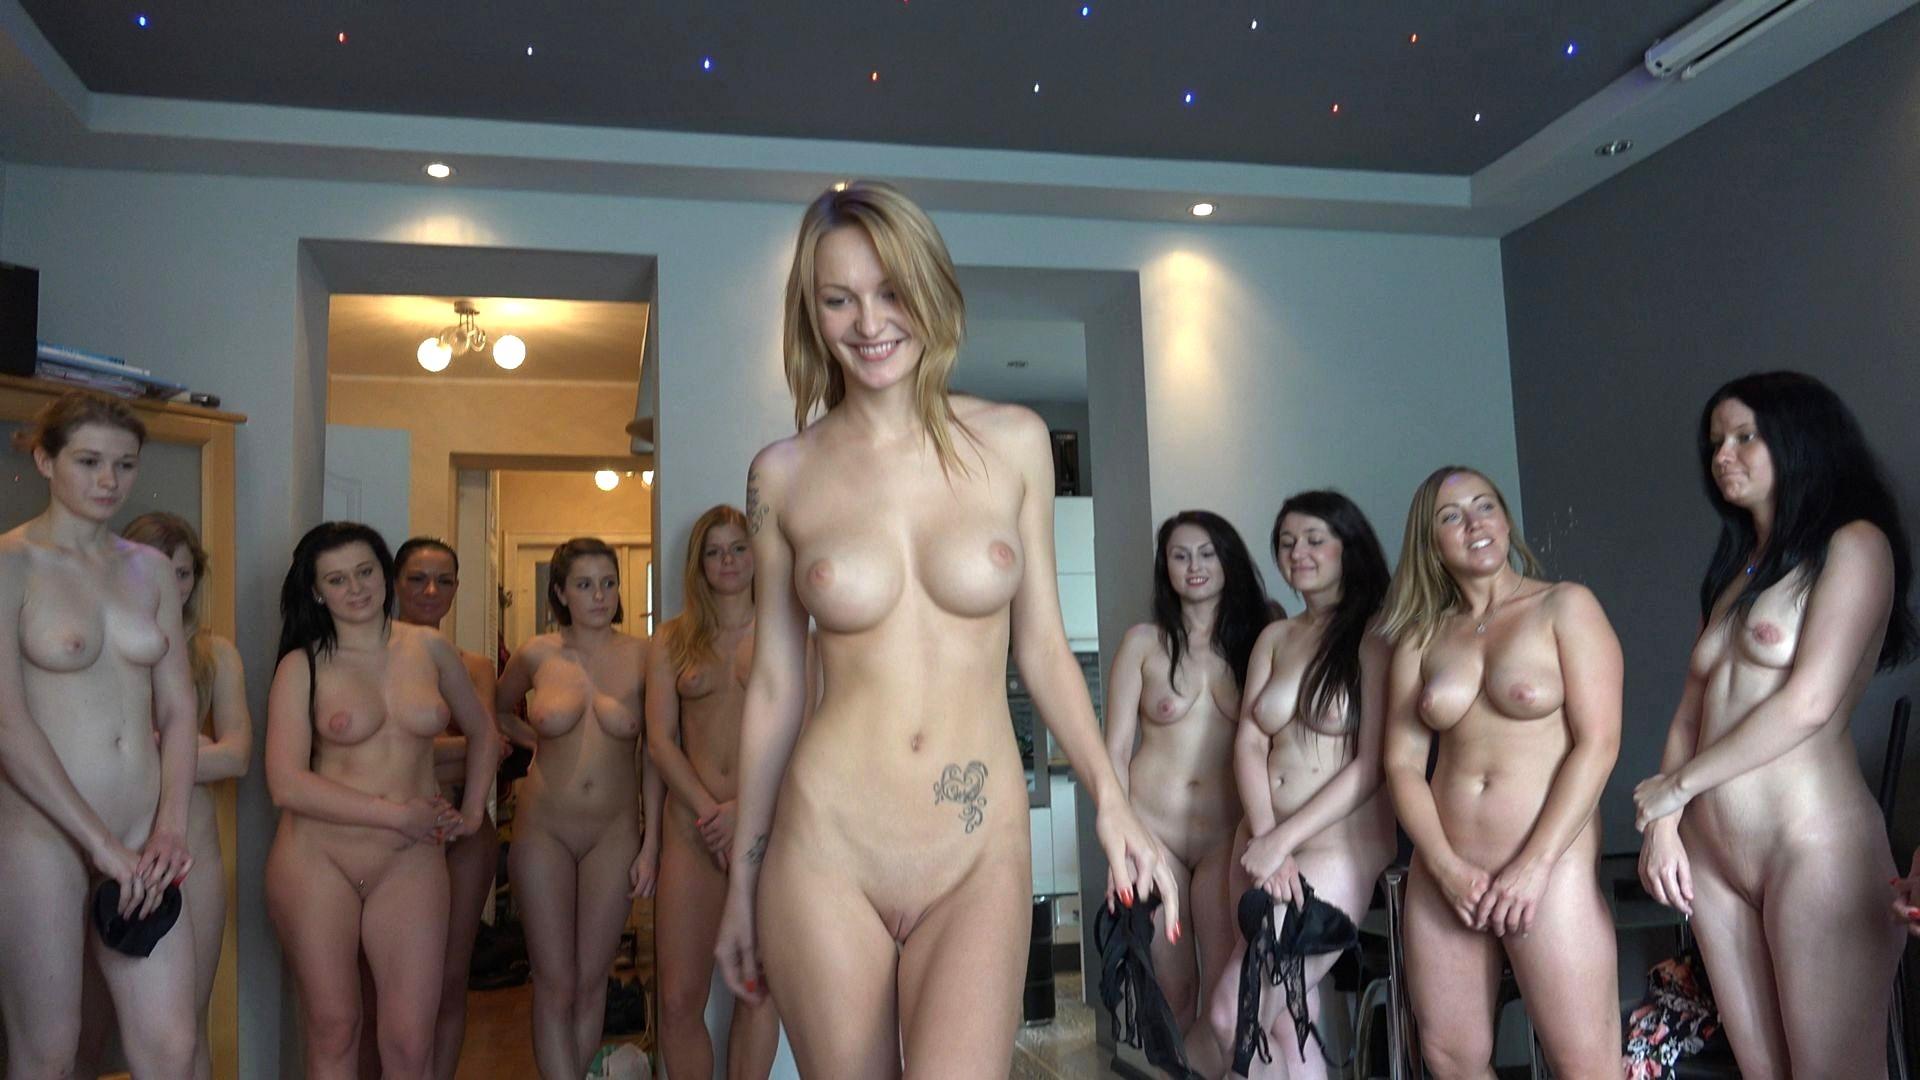 эротика молодые девушки видео онлайн кастинги - 11